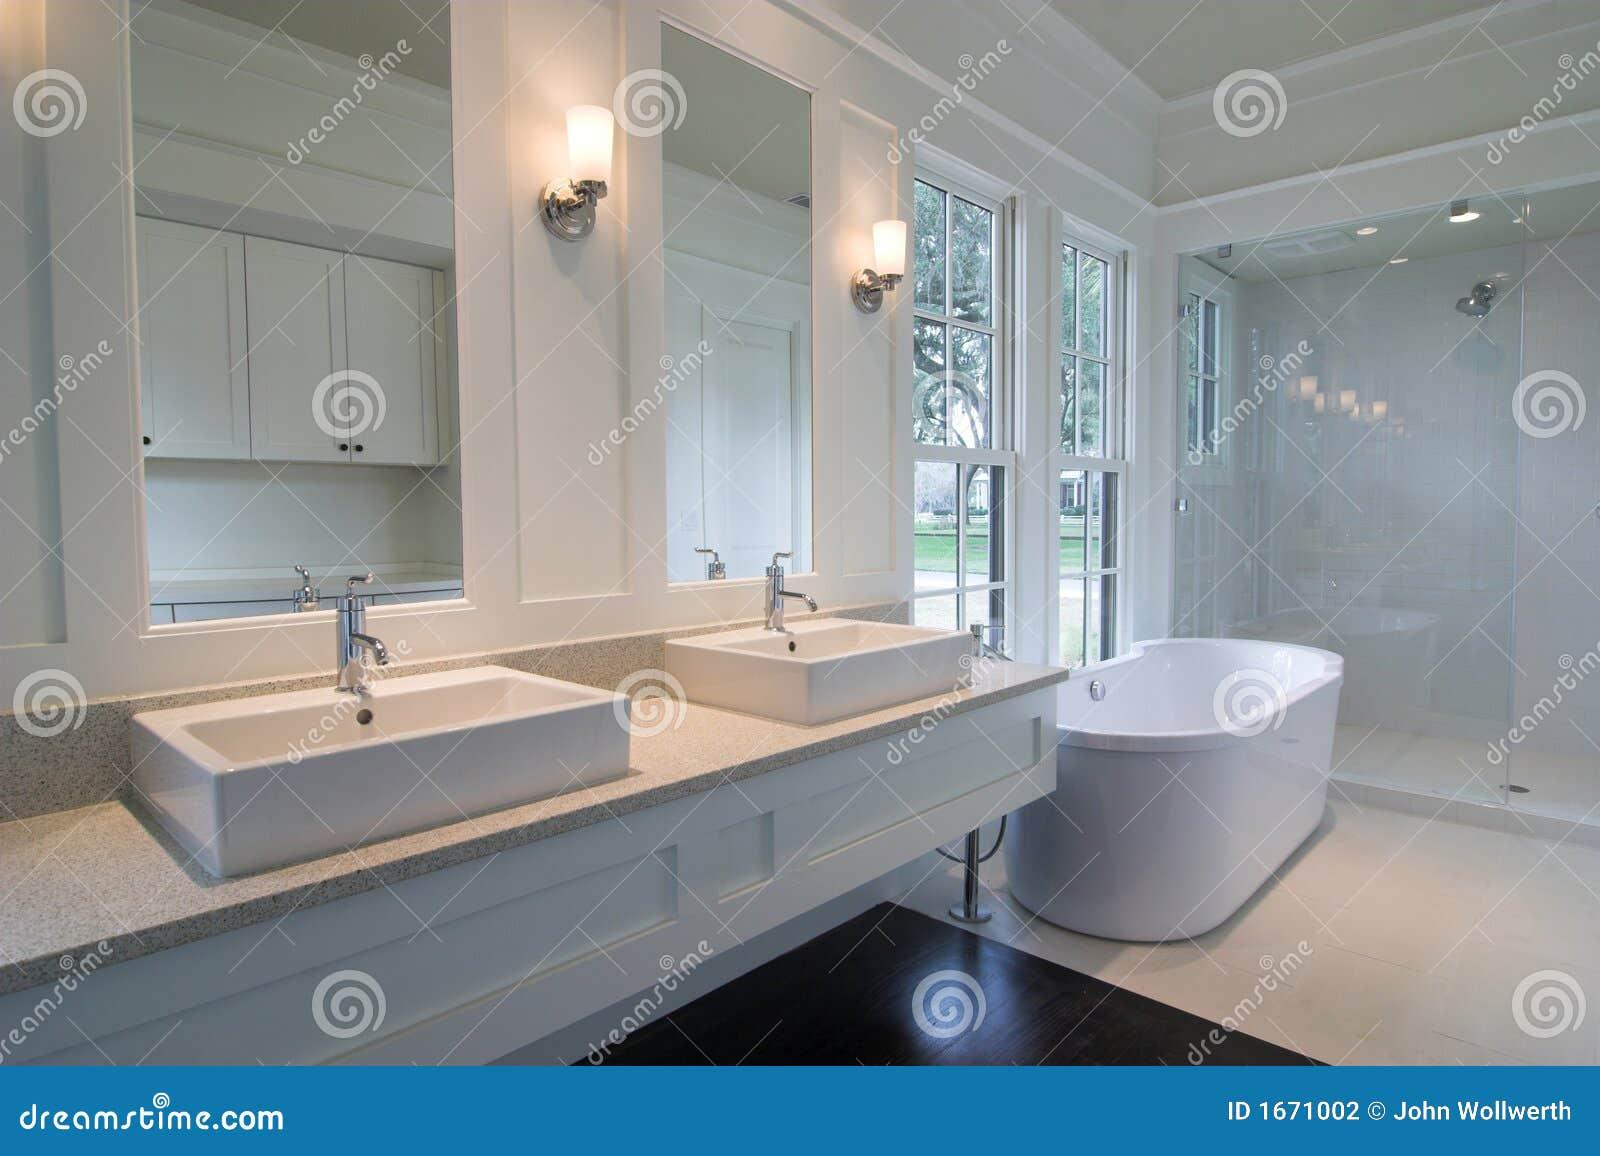 Teures weißes Badezimmer stockfoto. Bild von badezimmer - 16